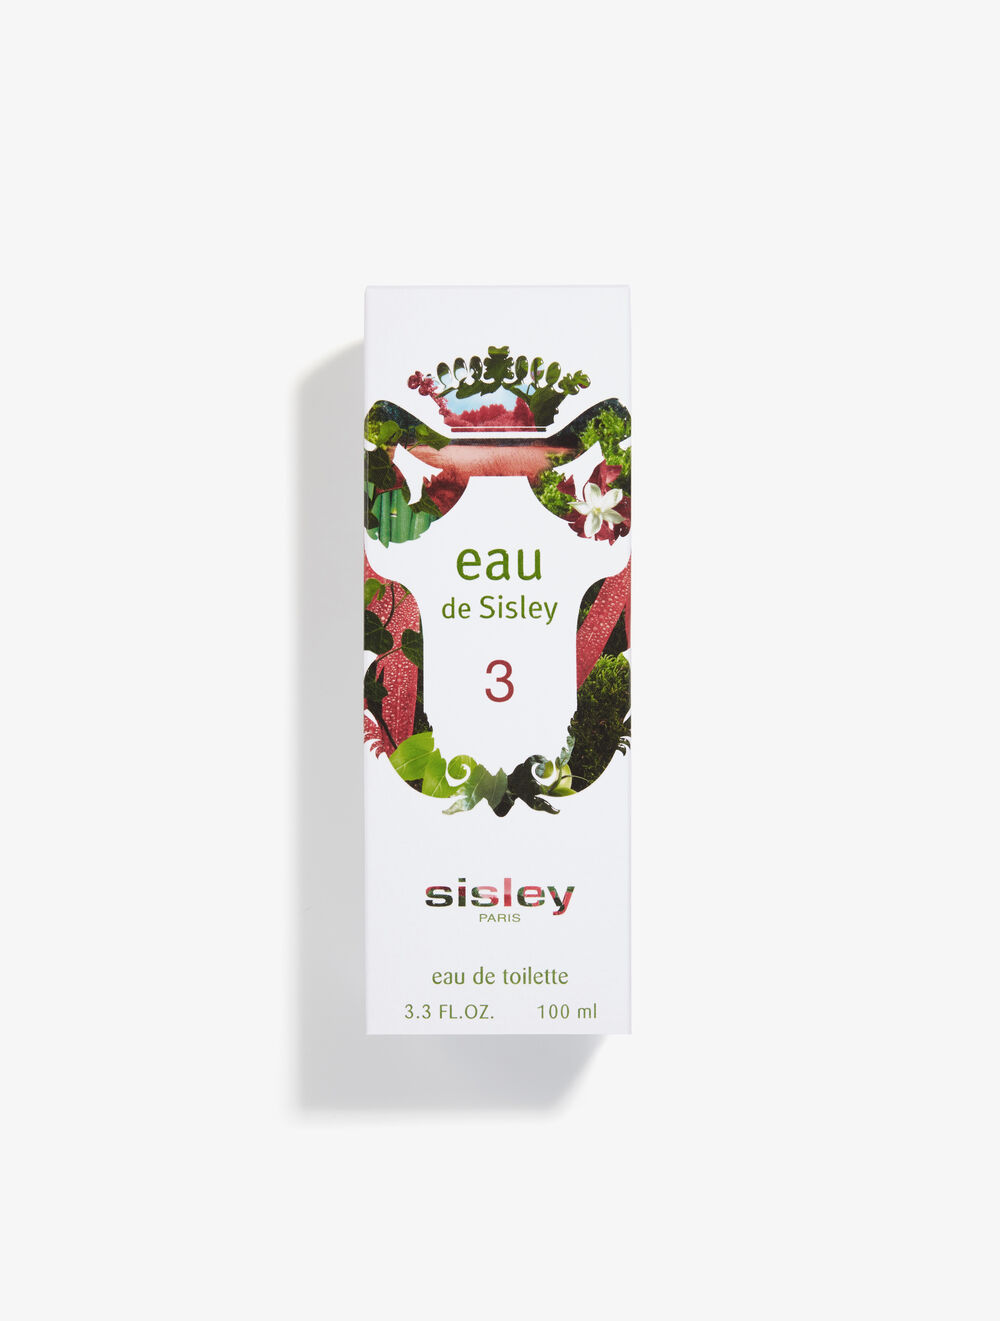 Eau de Sisley 3 100 ml